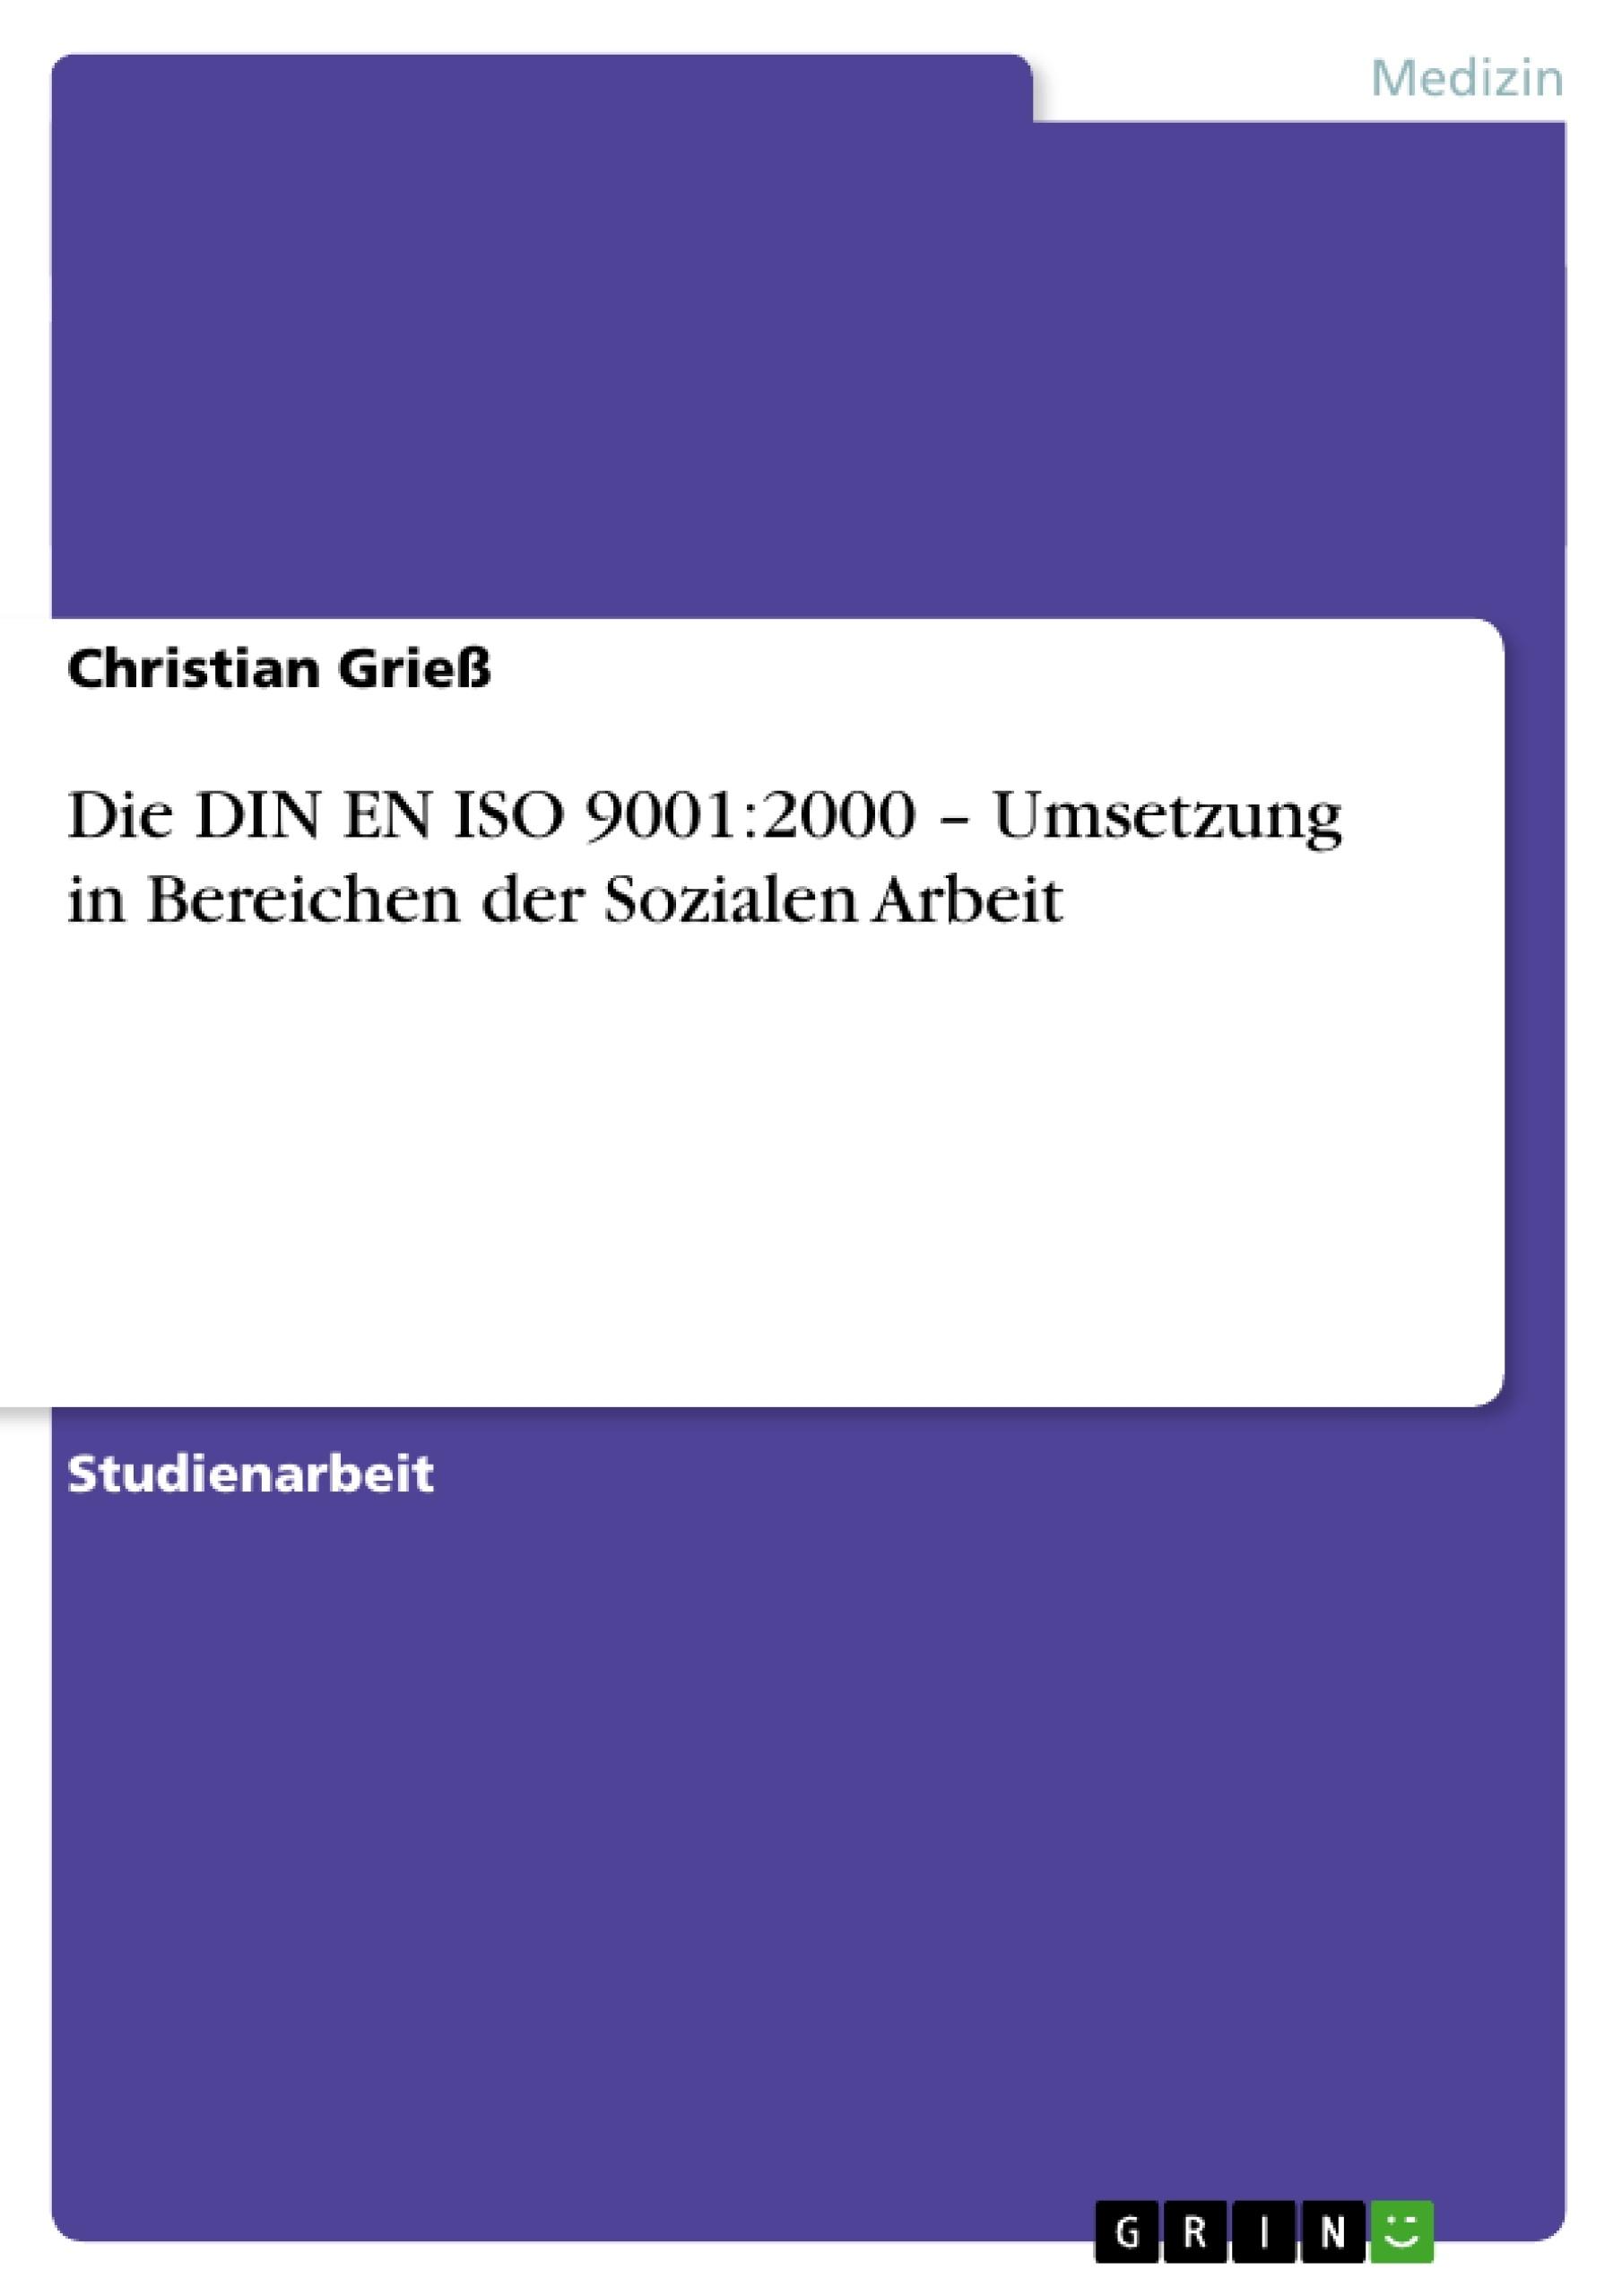 Titel: Die DIN EN ISO 9001:2000 – Umsetzung in Bereichen der Sozialen Arbeit